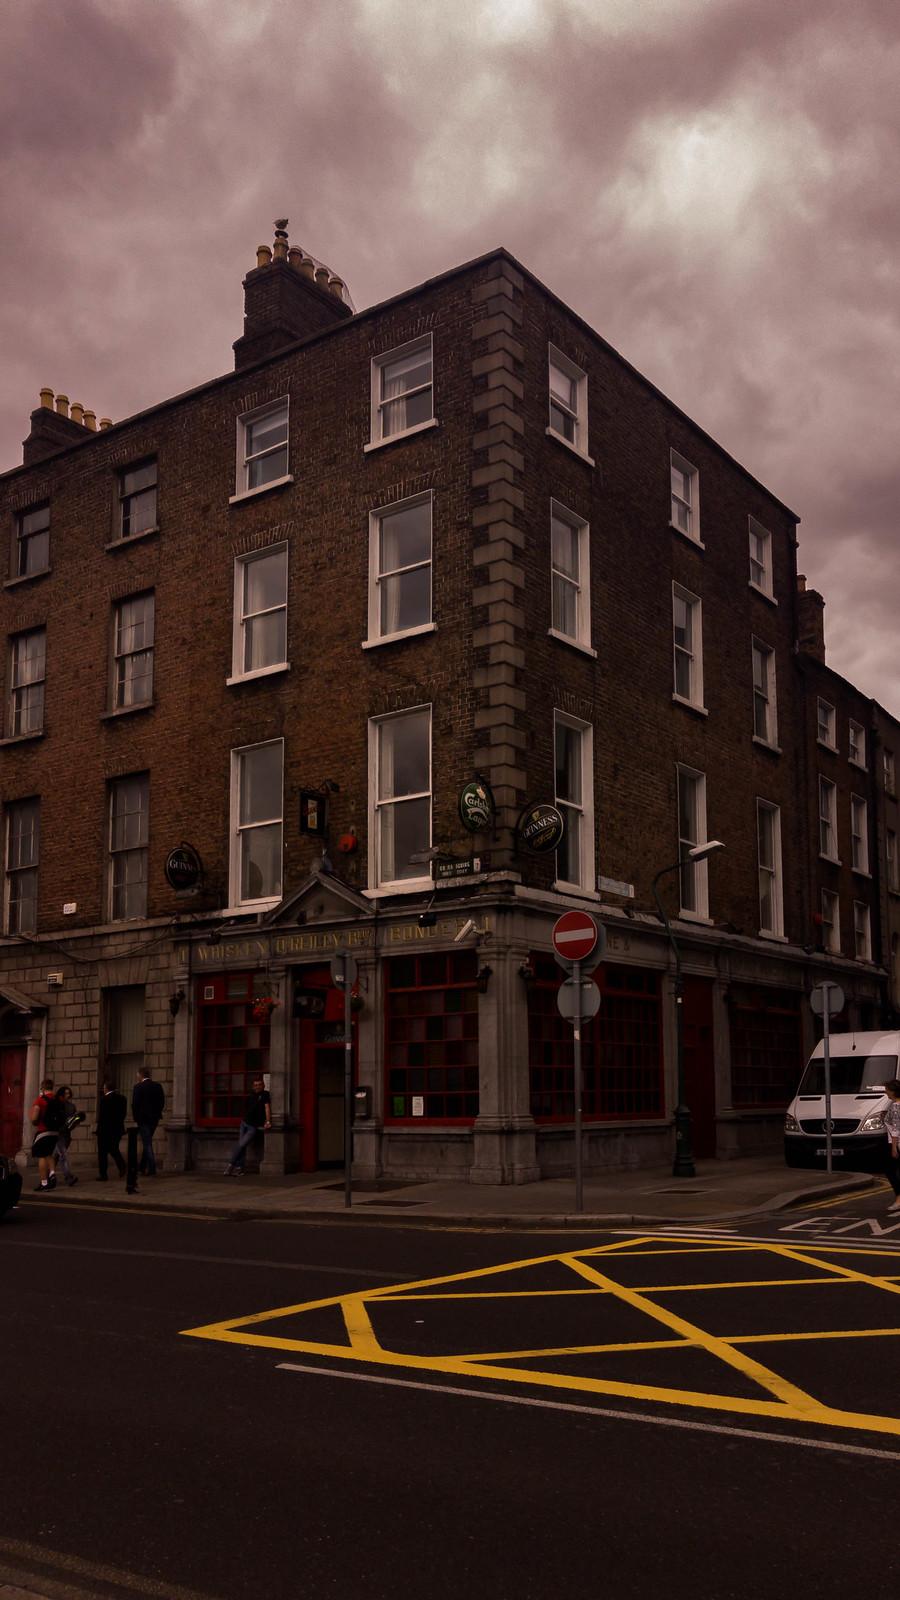 The Chancery Inn: Inns Quay